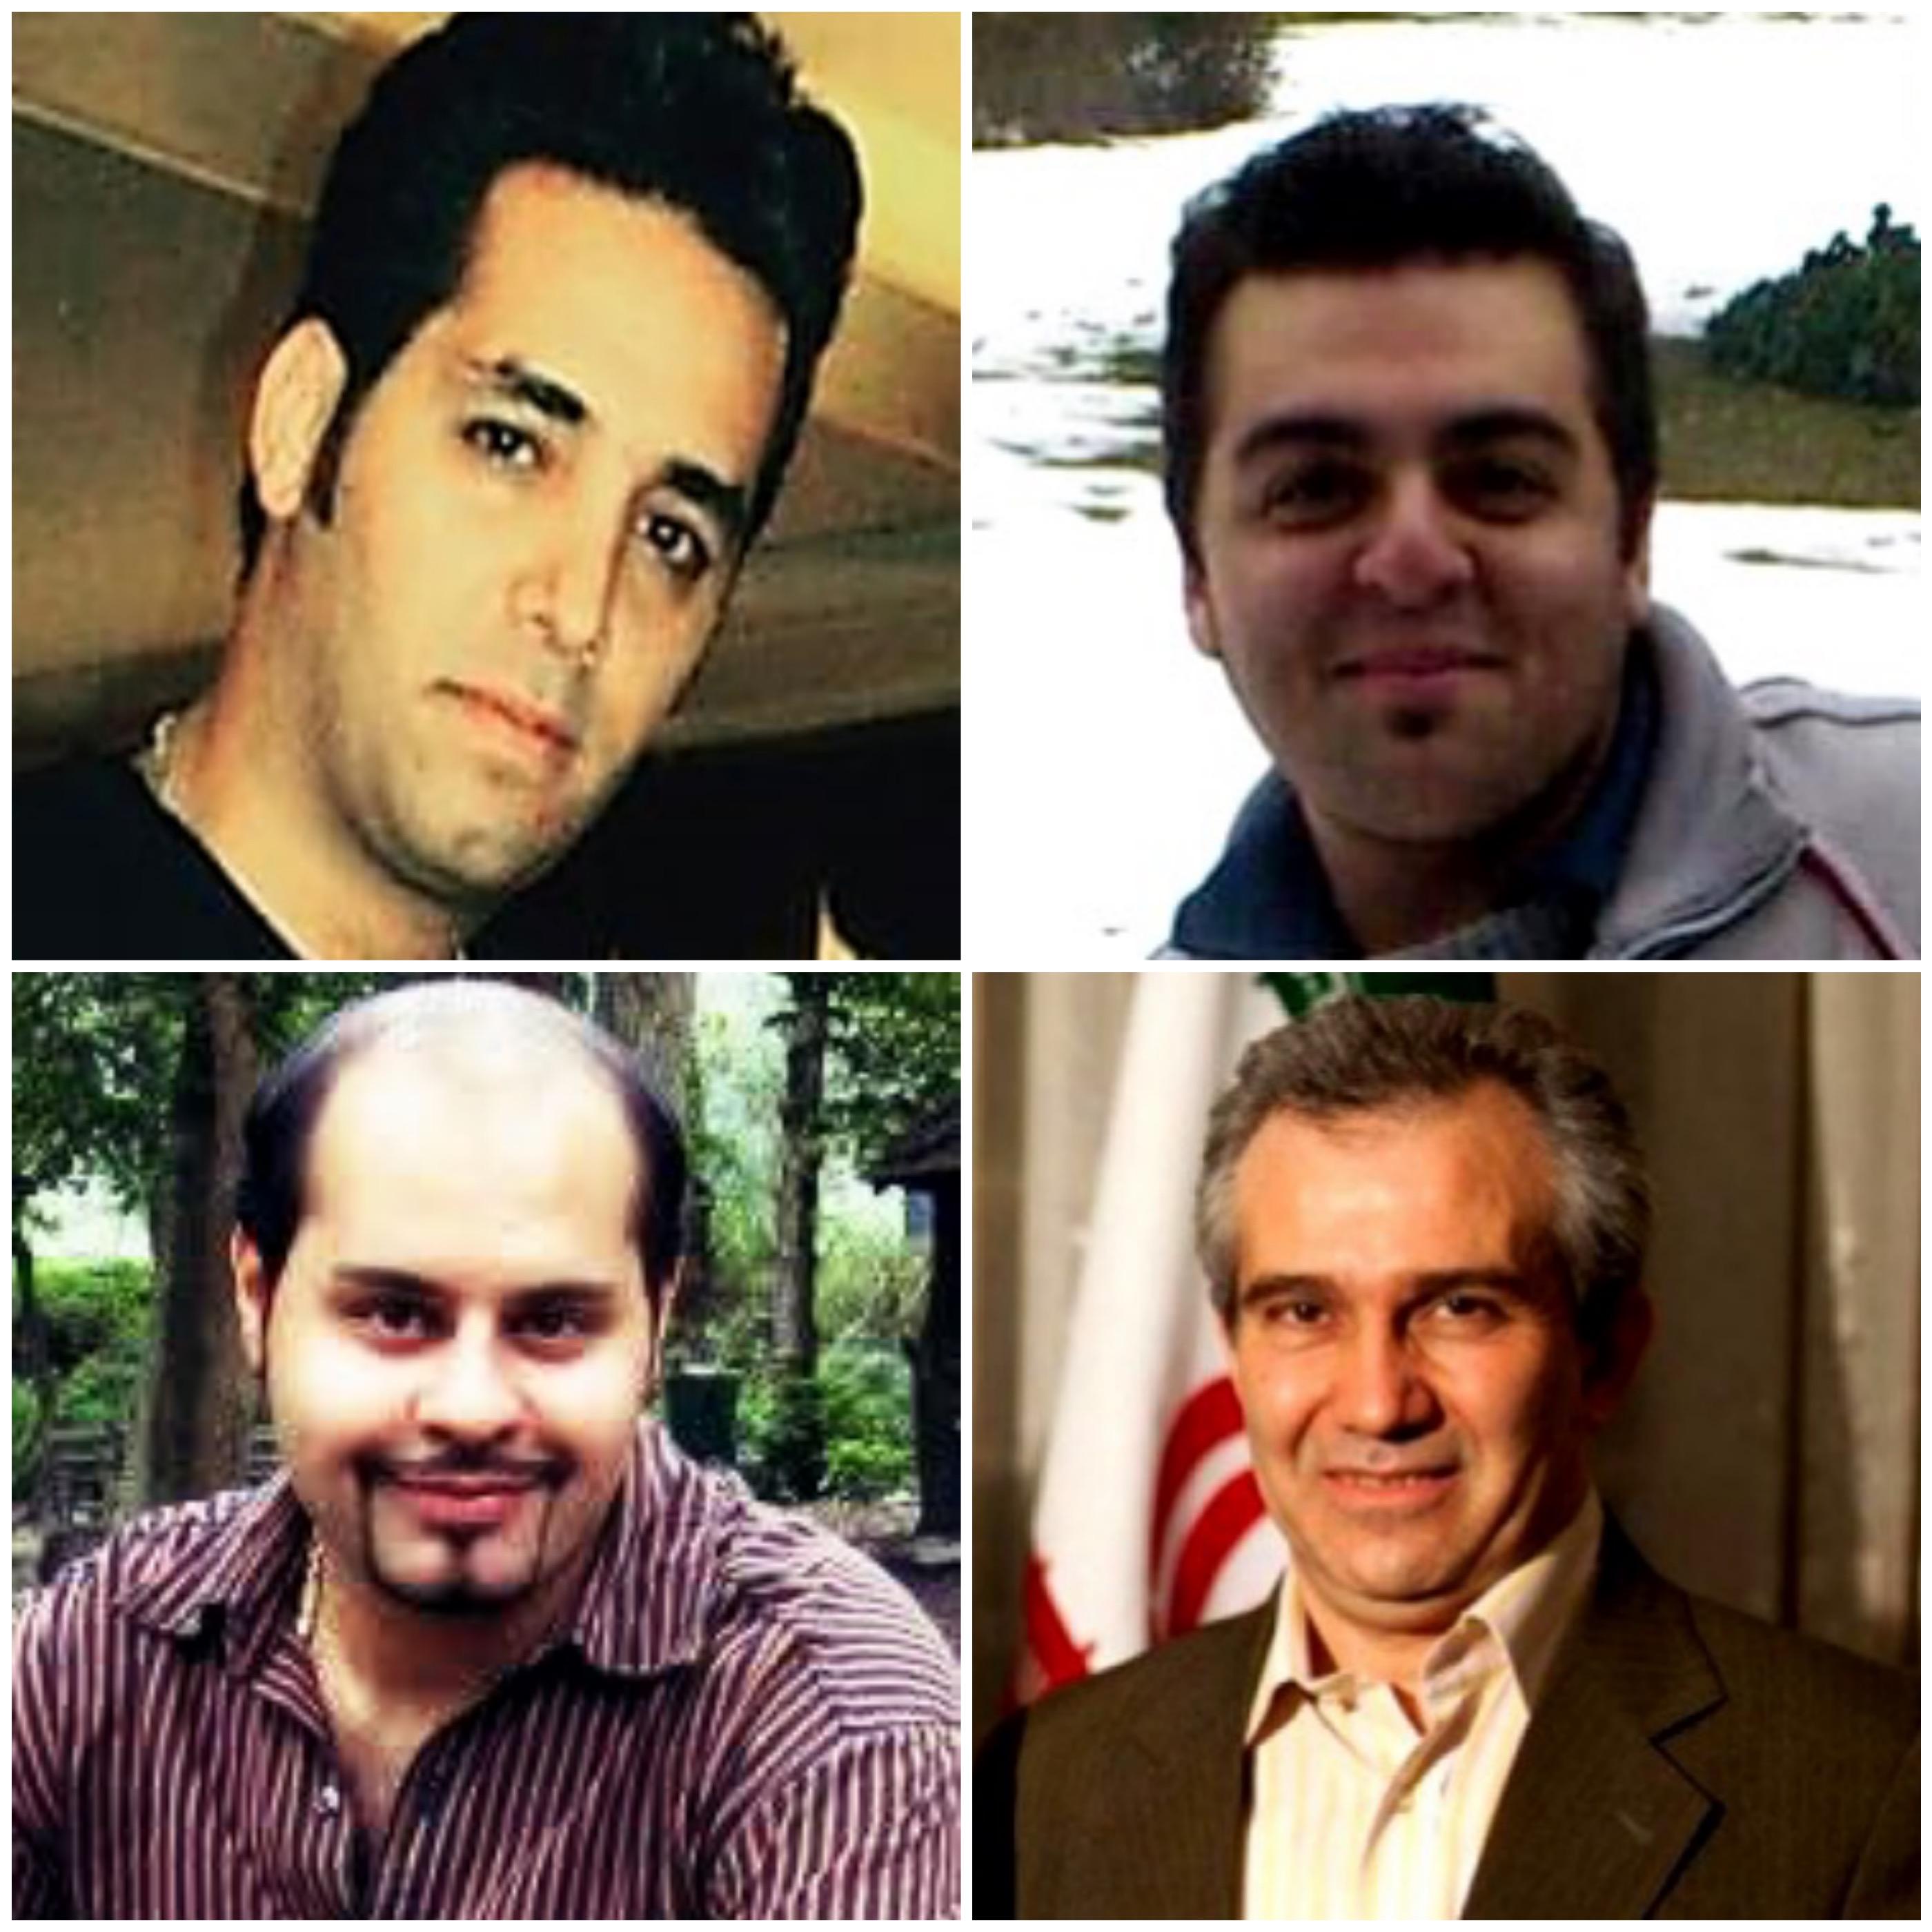 پایان مرخصی های نوروزی؛ زندانیان سیاسی به زندان بازگشتند